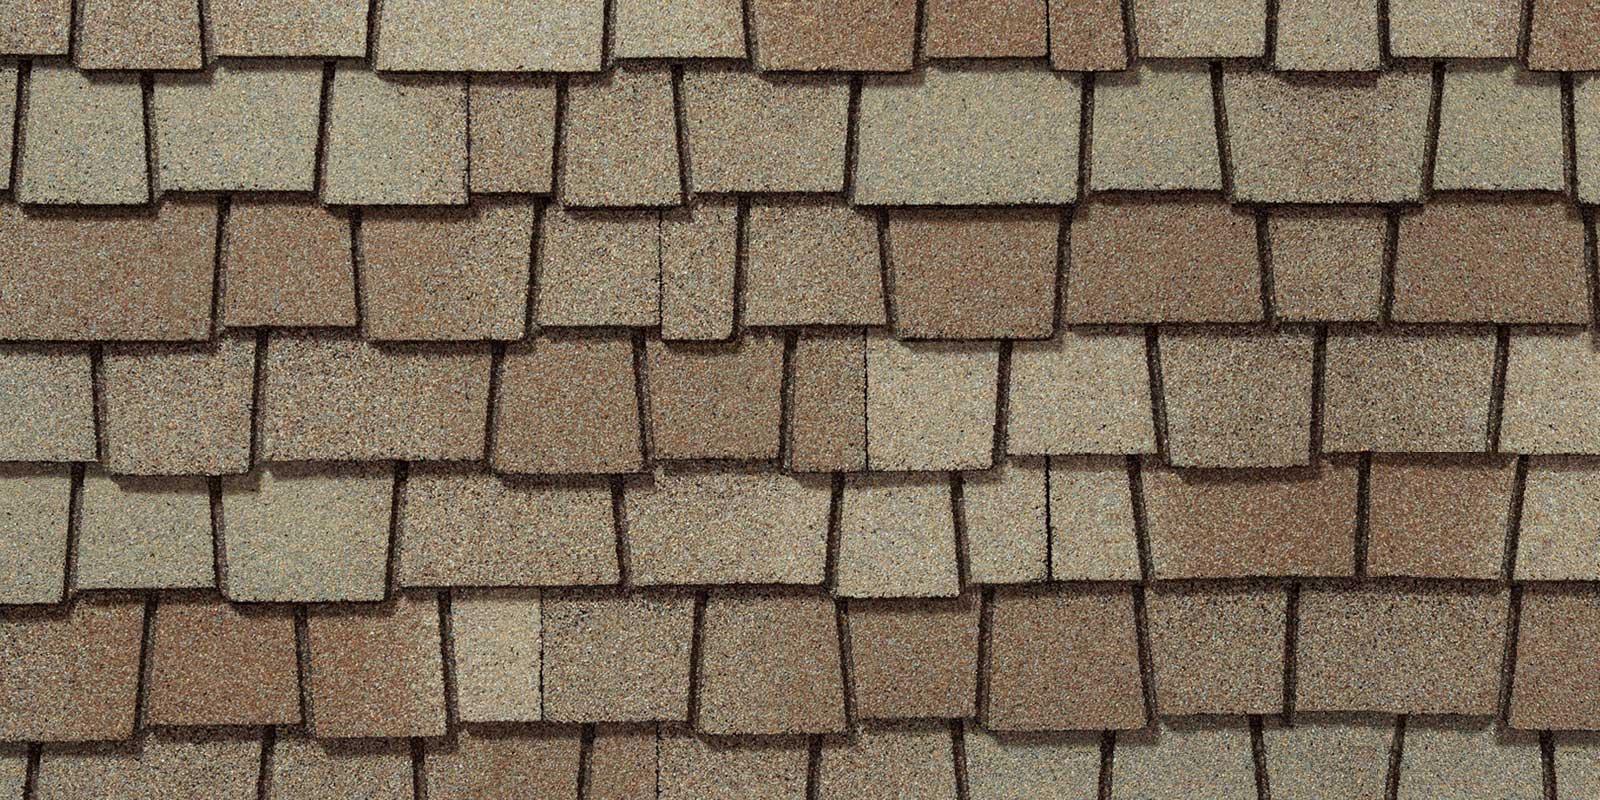 Zdjęcie produktu jakim jest gont bitumiczny amerykańskiej firmy GAF z linii Glenwood, pokrycia dachowe